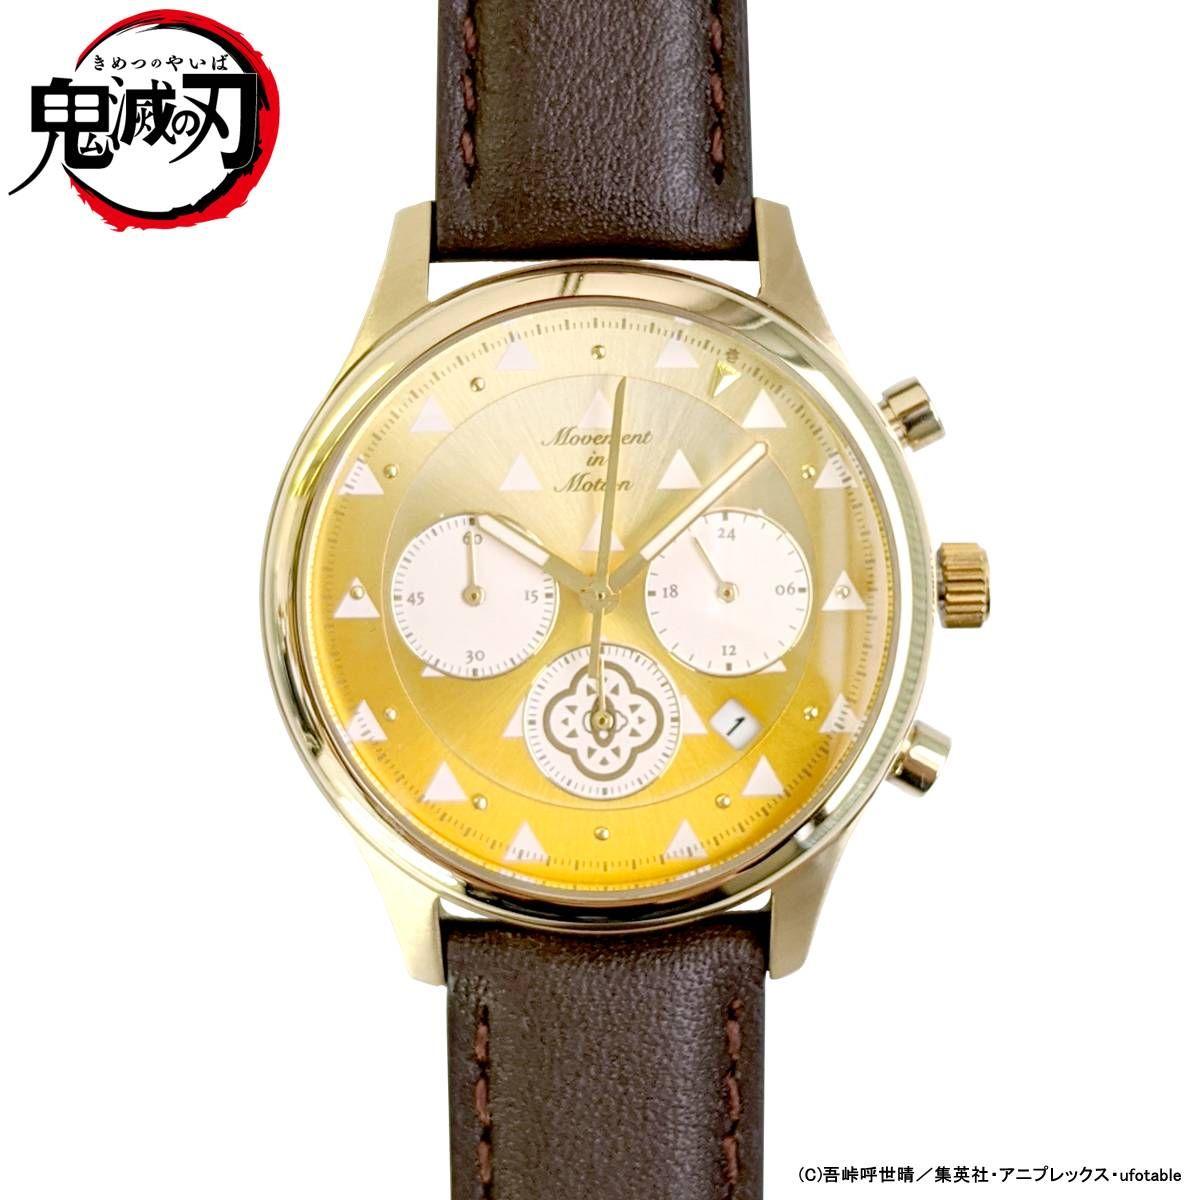 【限定販売】鬼滅の刃『TiCTACコラボレーションデザインウォッチ』腕時計-004